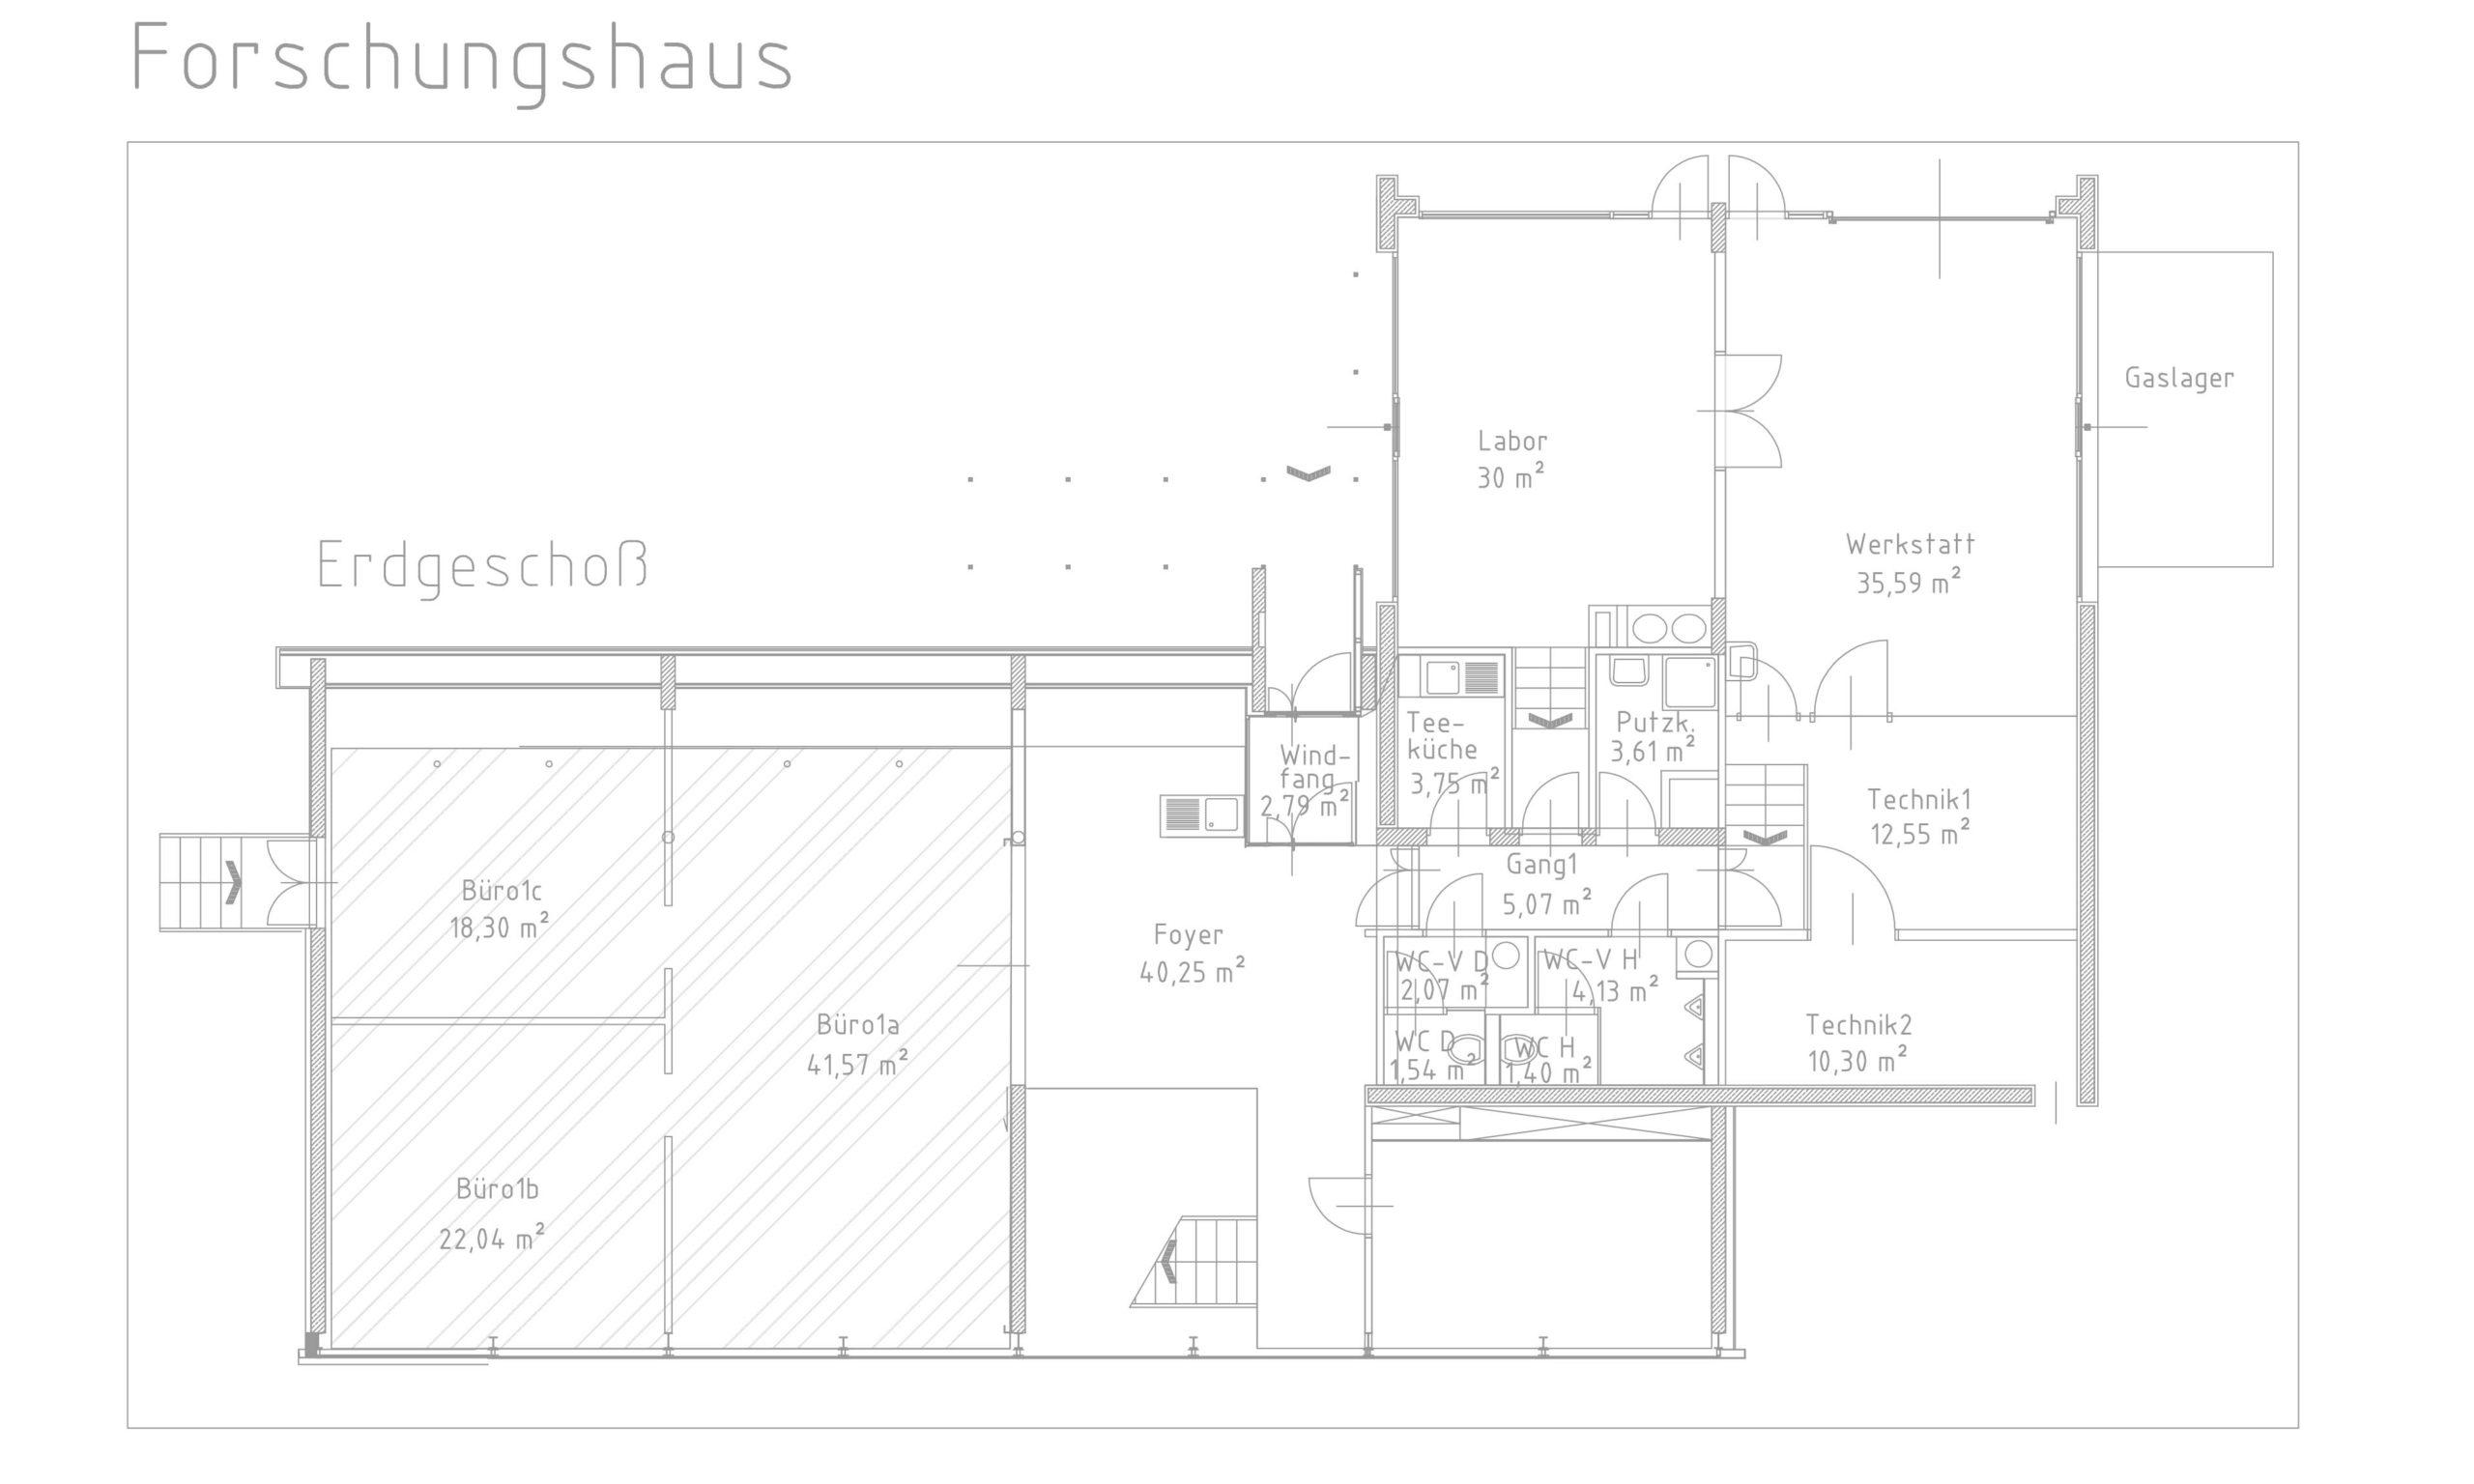 Flächenplan Büro Forschungshaus am Ökopark Hartberg